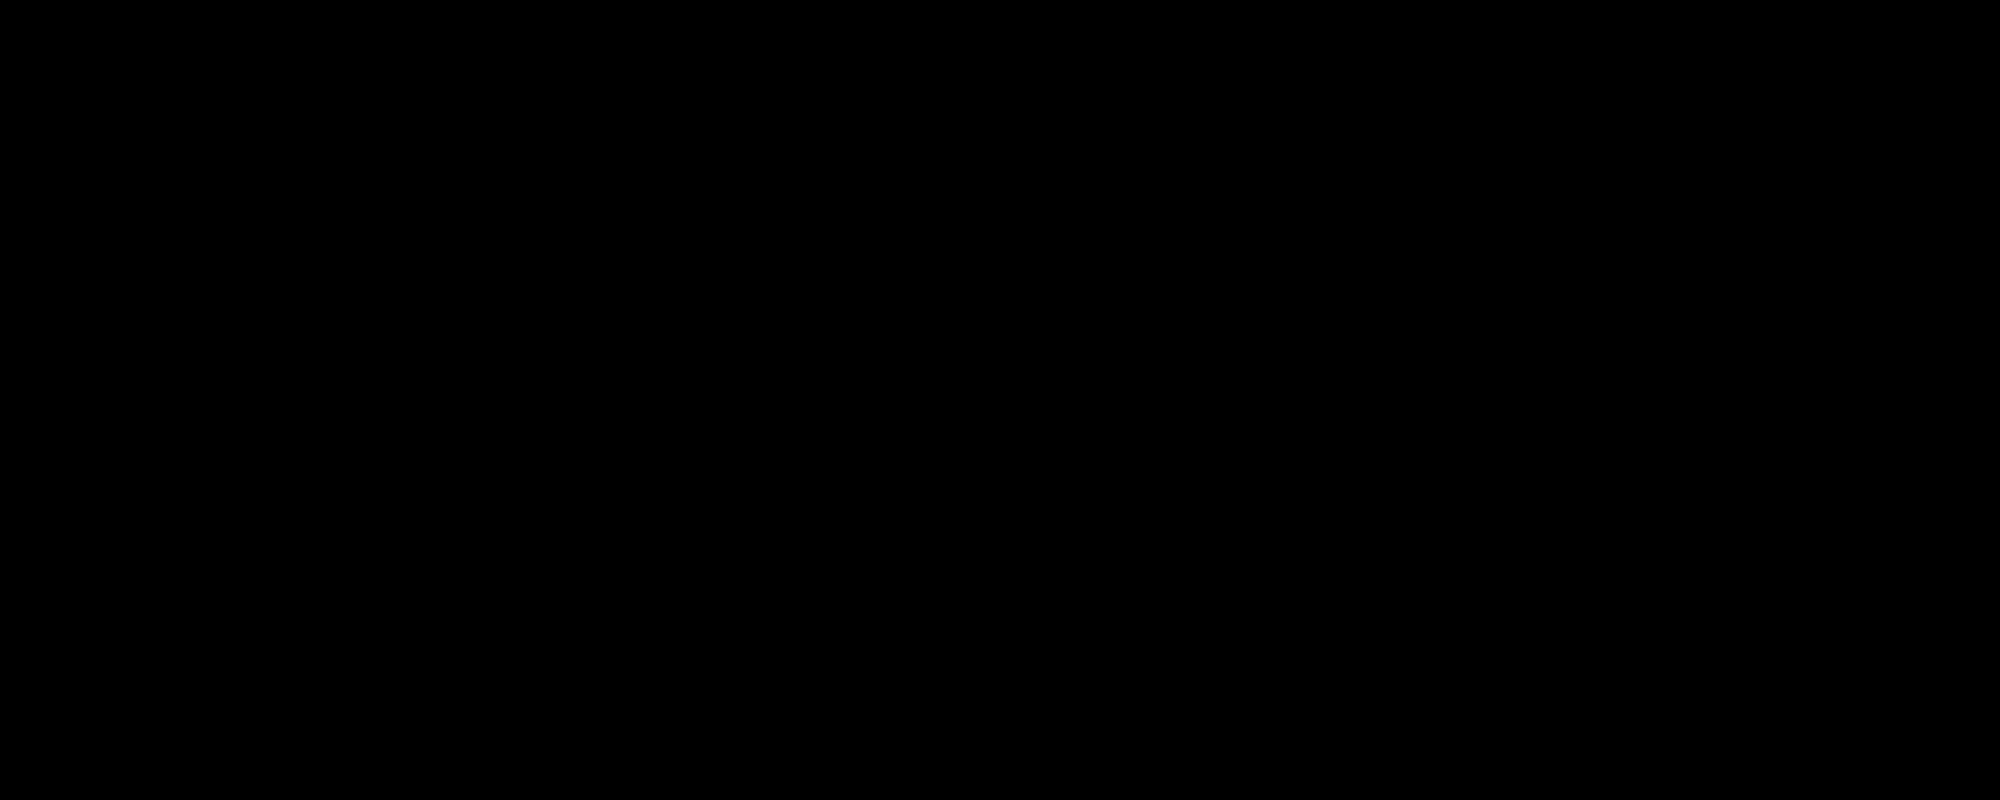 3c8a892c-313f-4f3c-9183-43320b672096_rwc_0x0x2000x800x2000.png